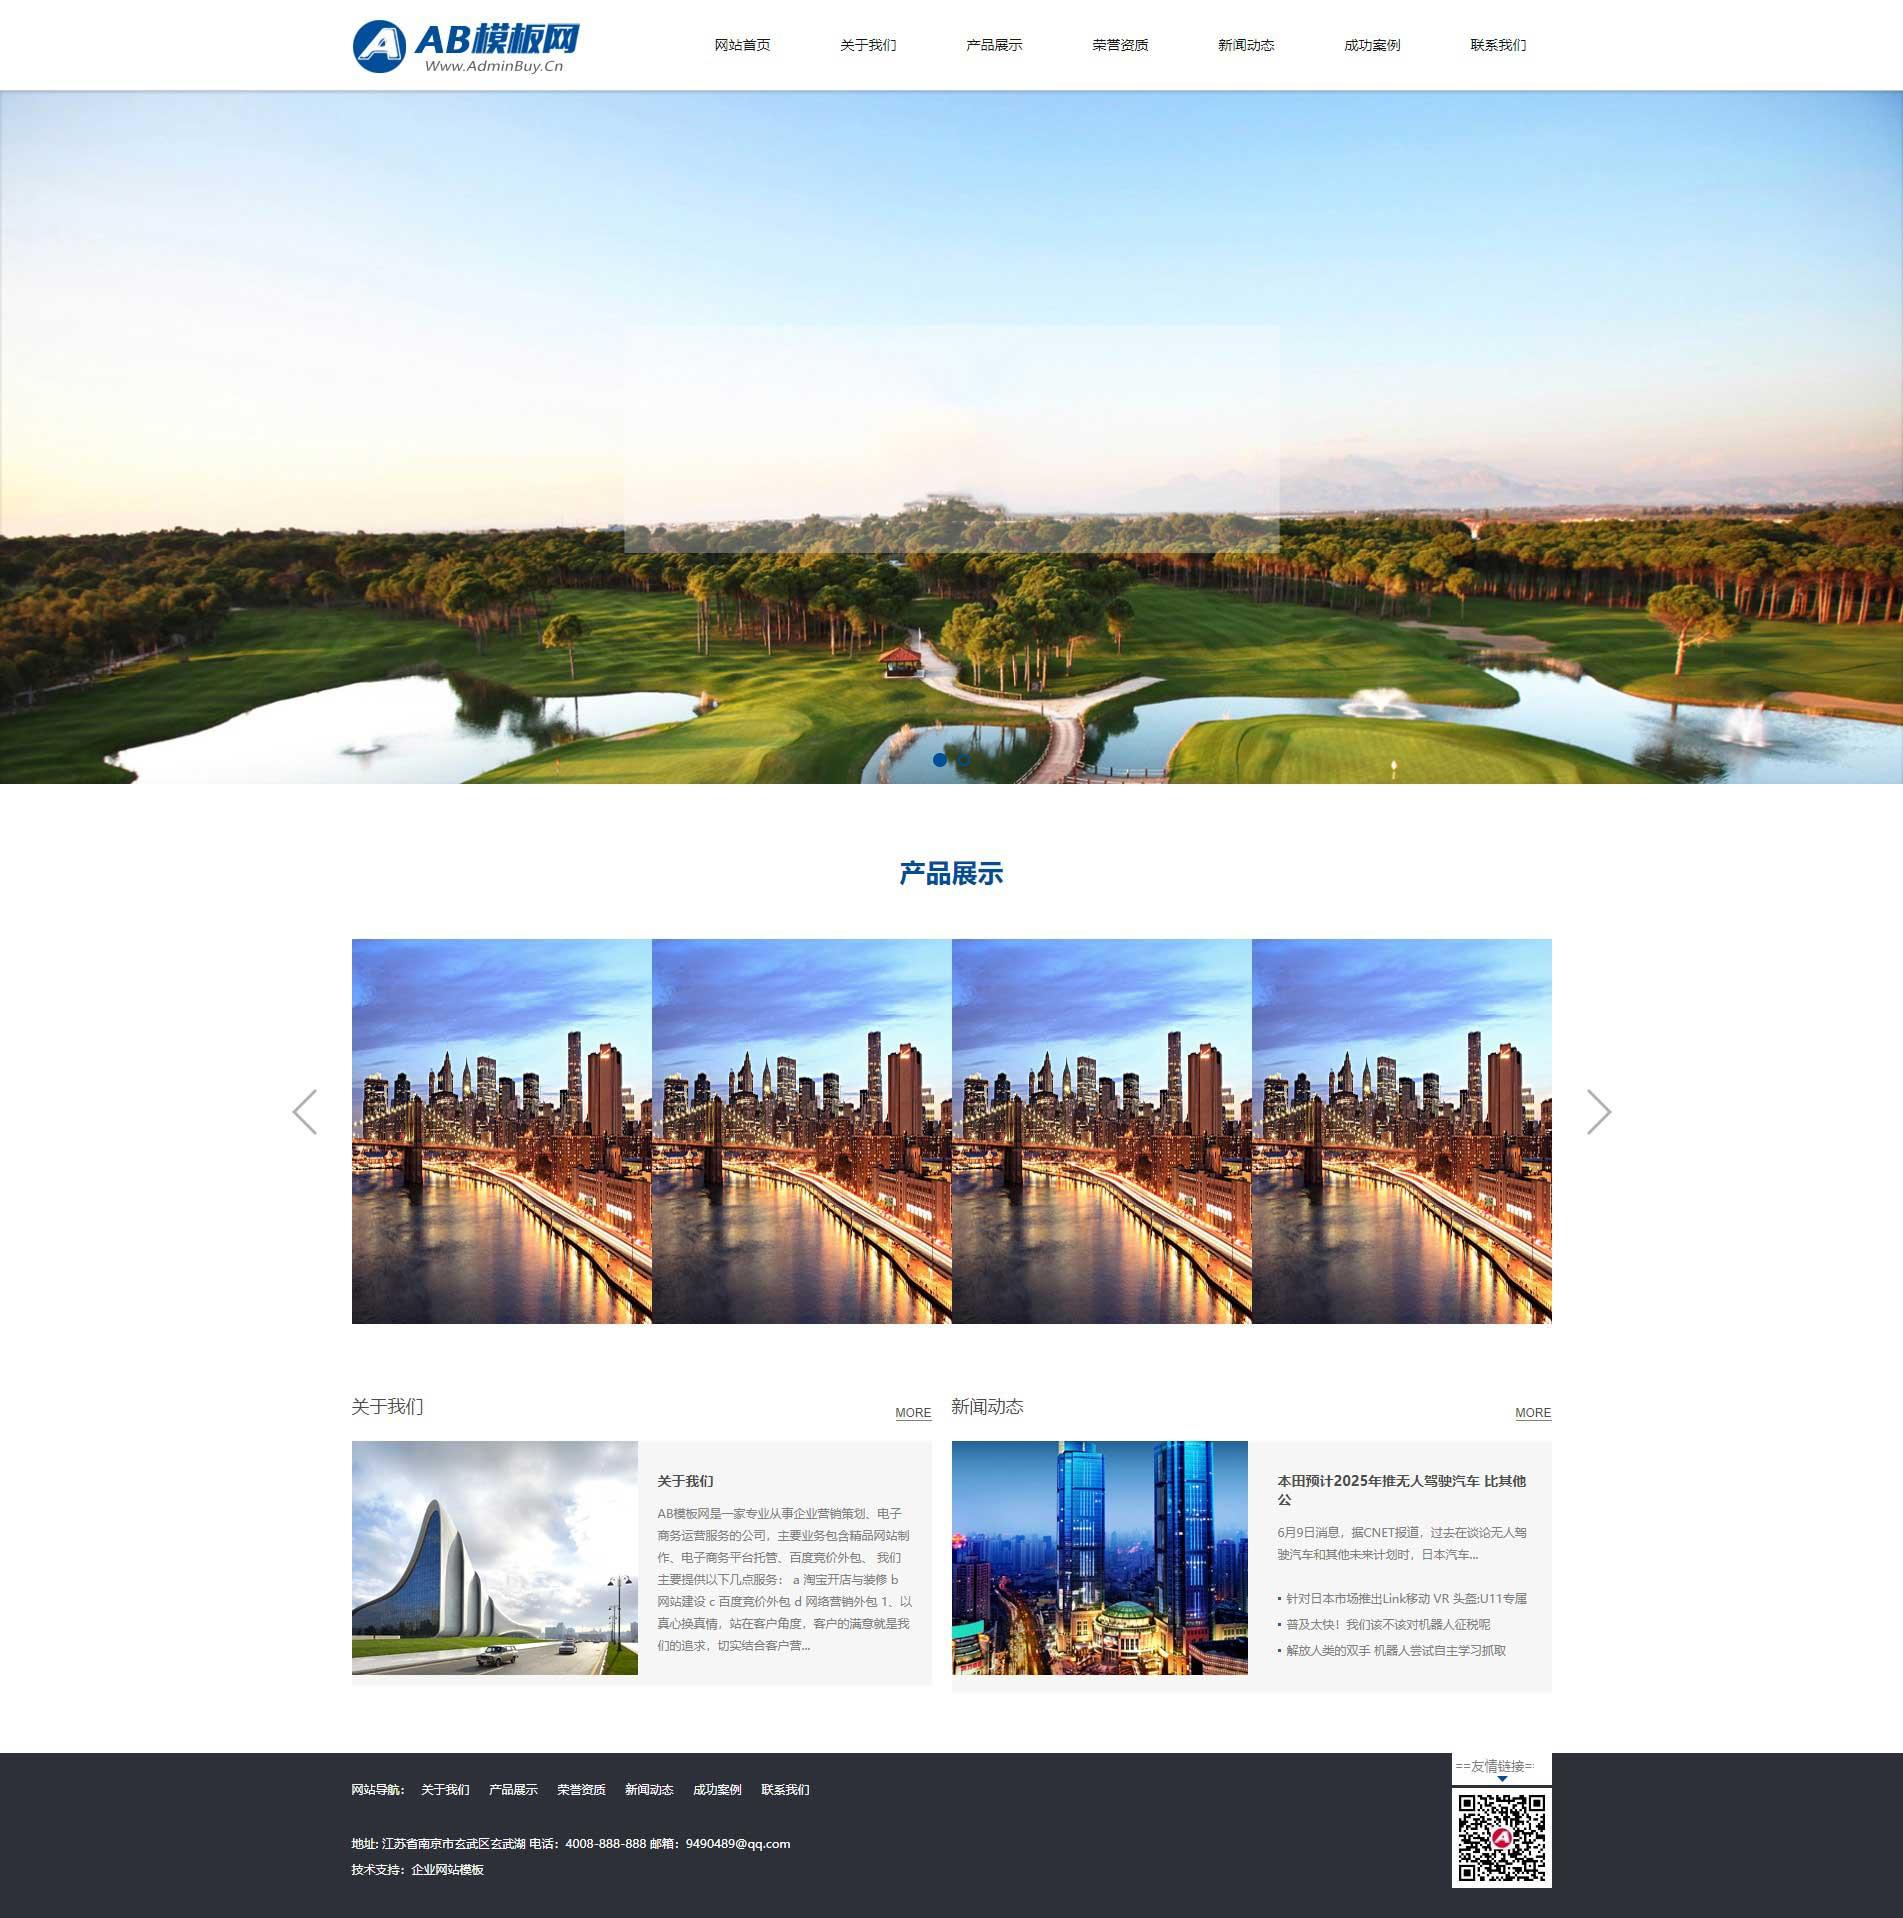 建筑工程类企业网站织梦dede模板源码[带手机版数据同步]插图